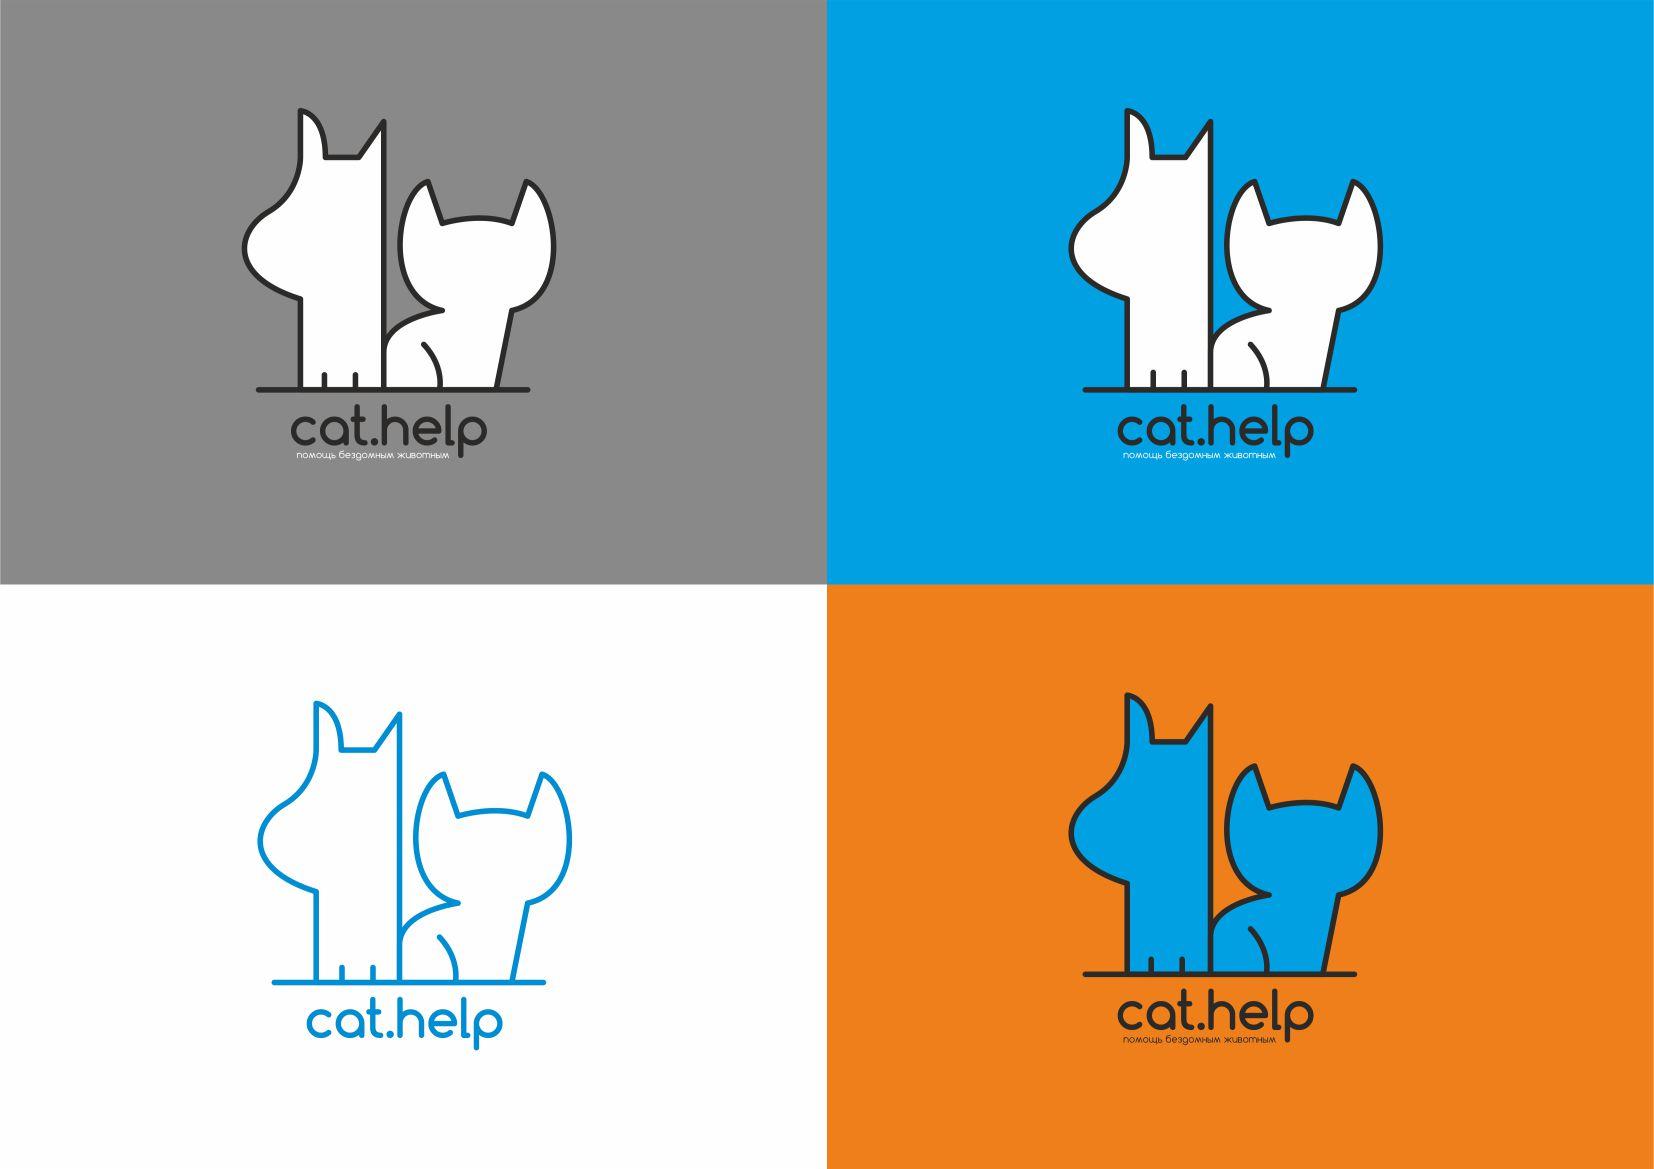 логотип для сайта и группы вк - cat.help фото f_88659e2c7a44da8d.jpg